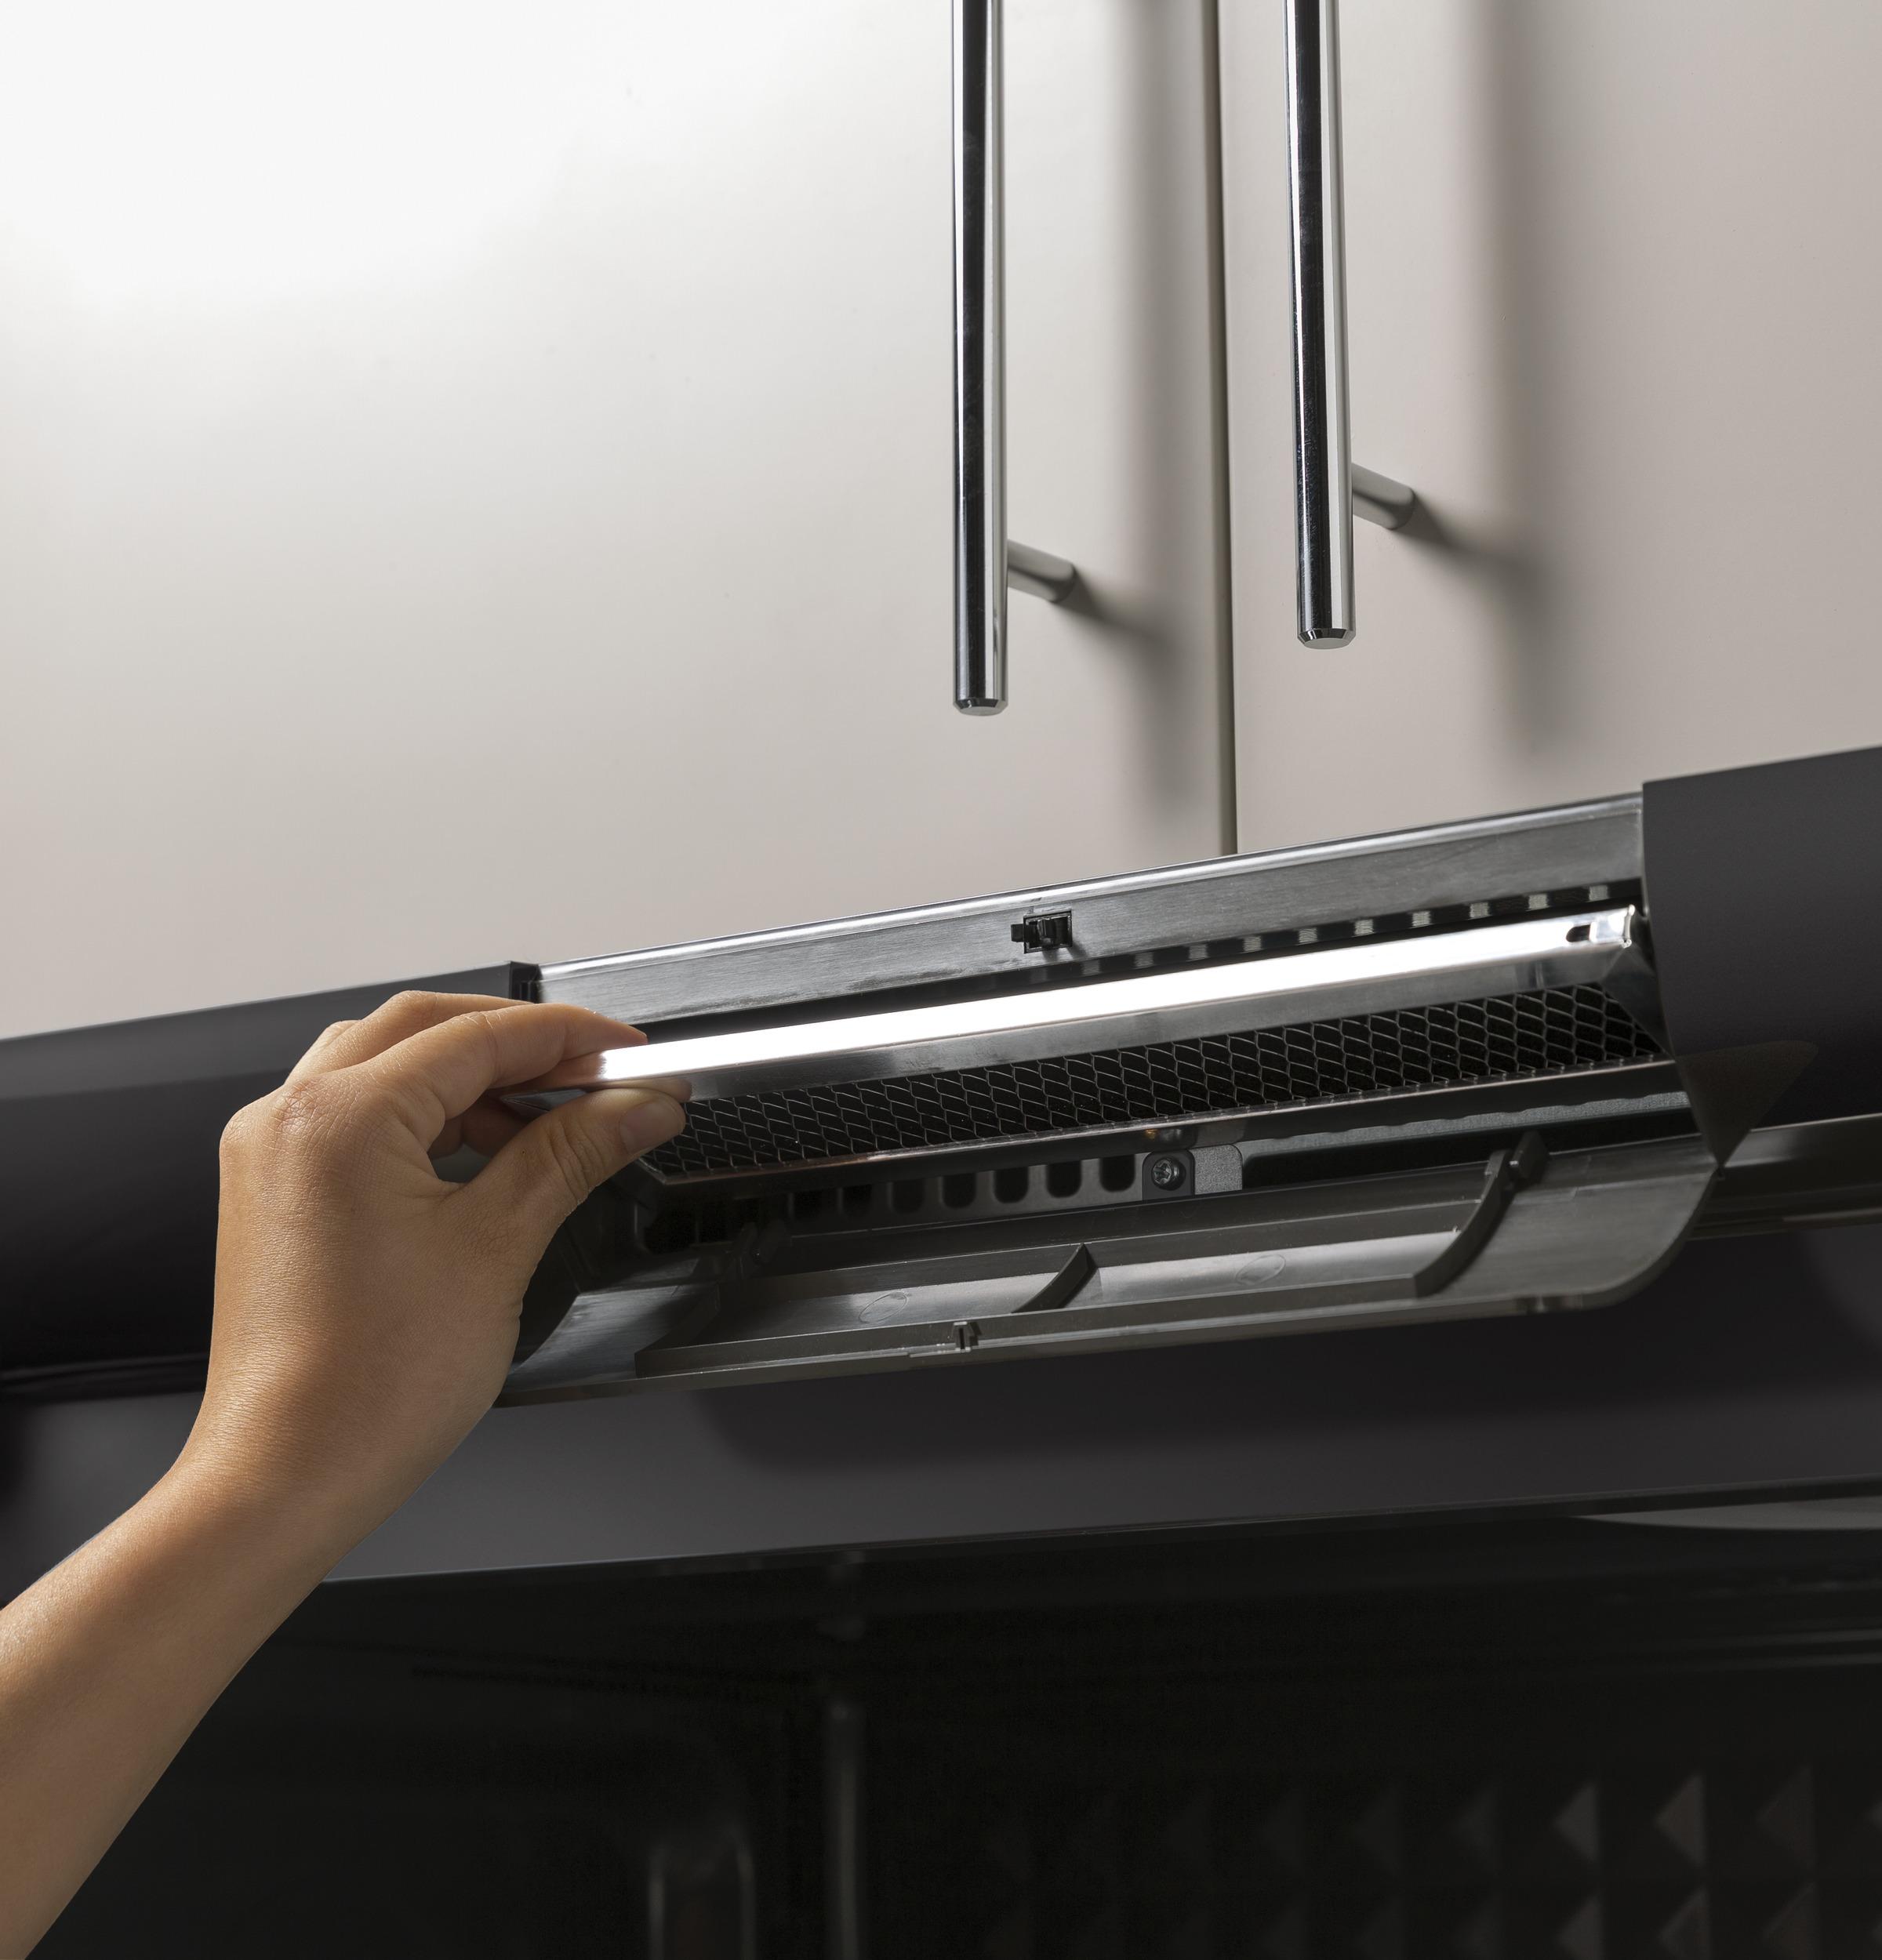 Model: PVM9005BLTS | GE Profile GE Profile™ 2.1 Cu. Ft. Over-the-Range Sensor Microwave Oven